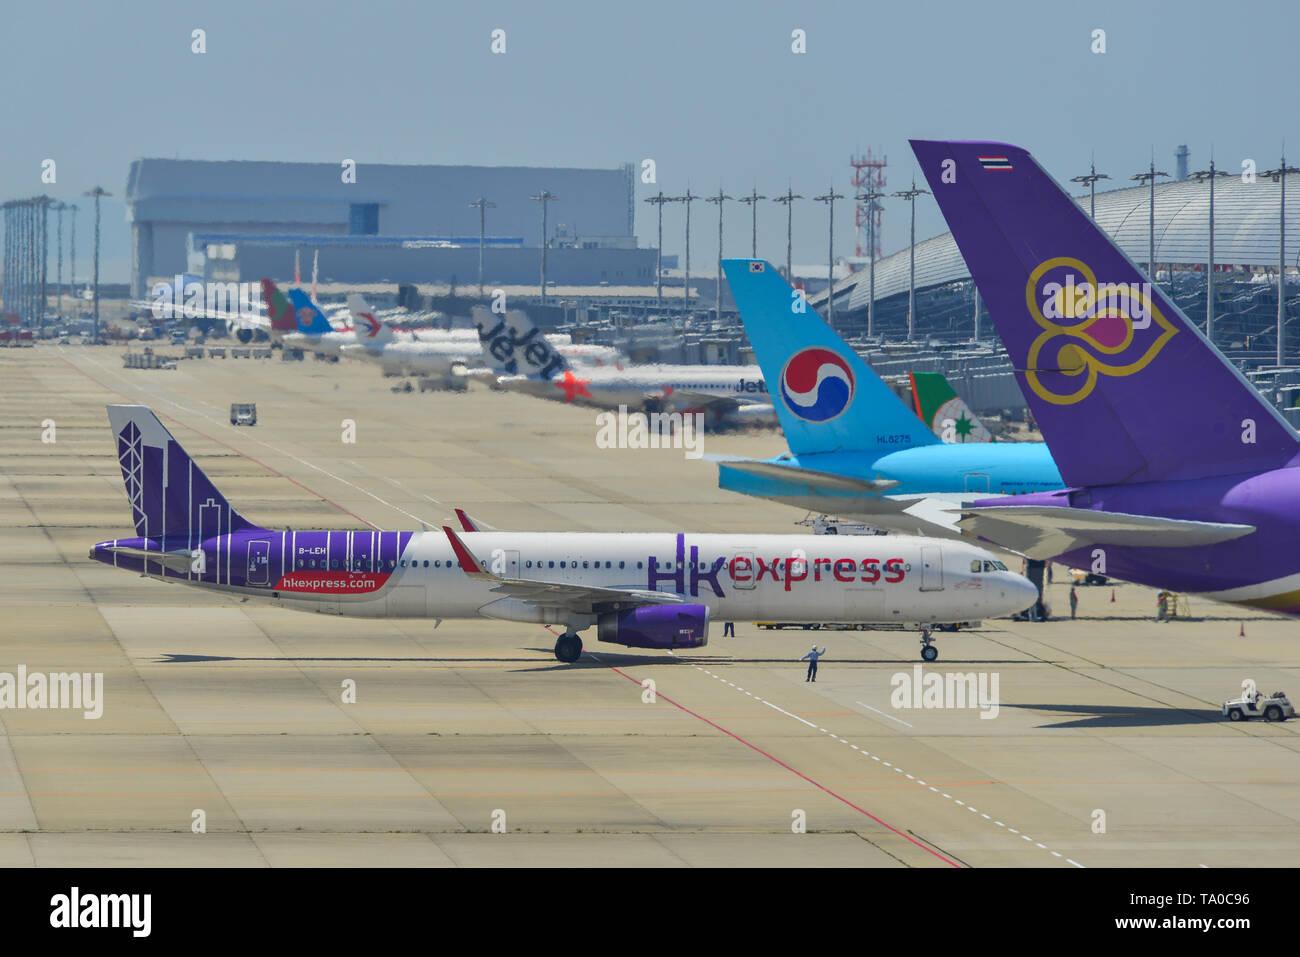 Osaka, Japan - Apr 18, 2019.  B-LEH Hong Kong Express Airbus A321 taxiing on runway of Kansai Airport (KIX) in Osaka, Japan. - Stock Image